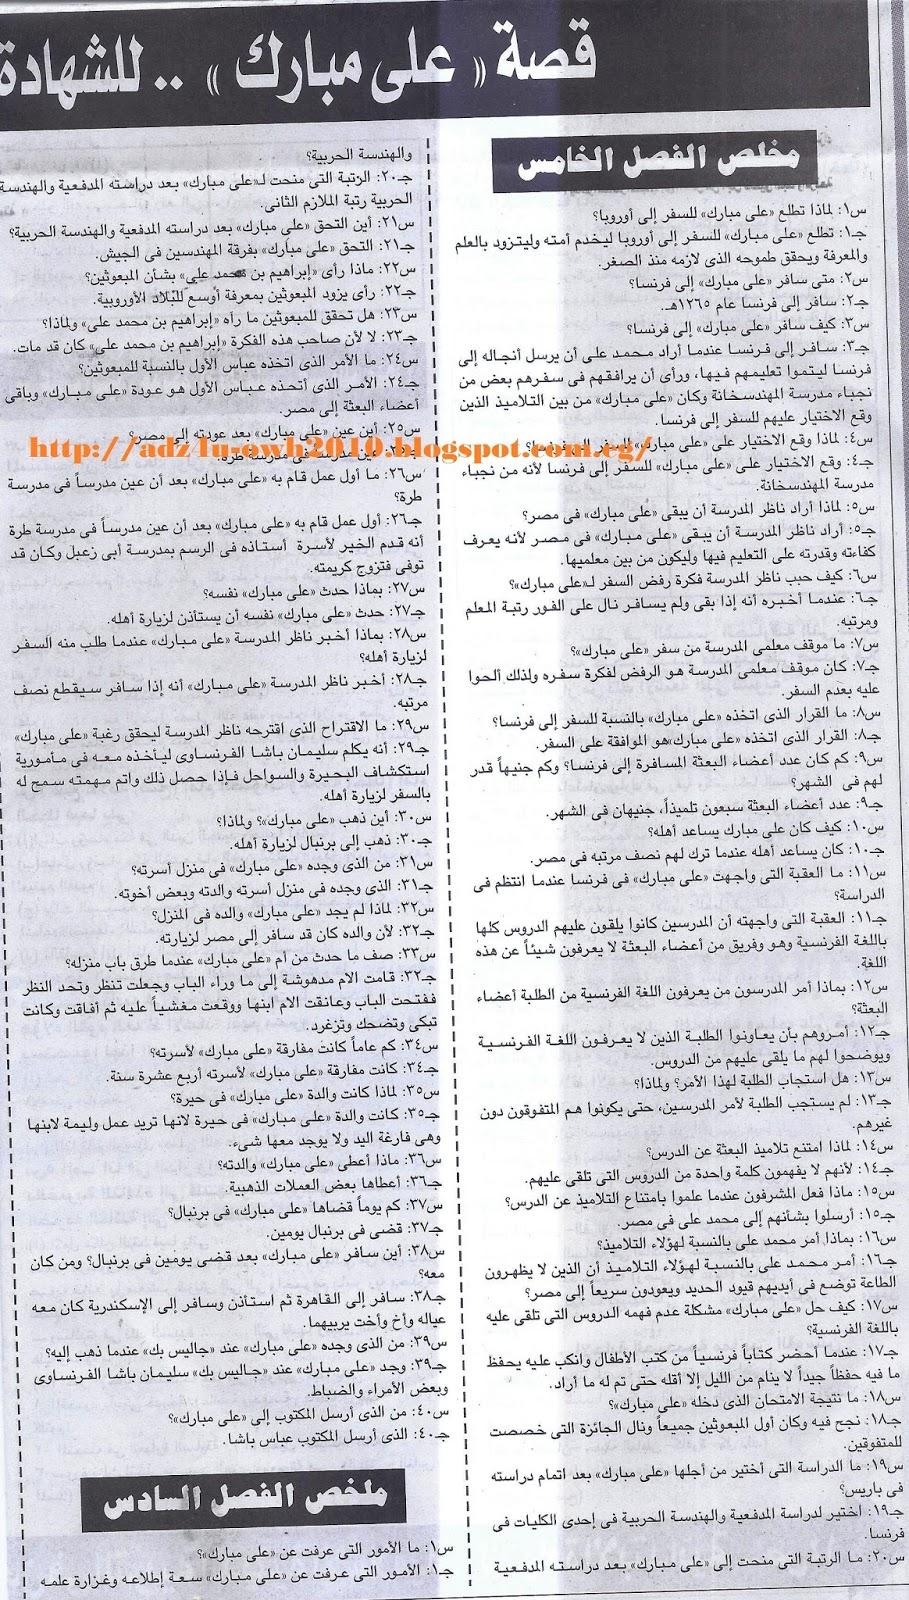 مراجعة لغة عربية مهمة للصف السادس الابتدائي ترم ثاني.. ملحق الجمهورية 2017 Scan0004